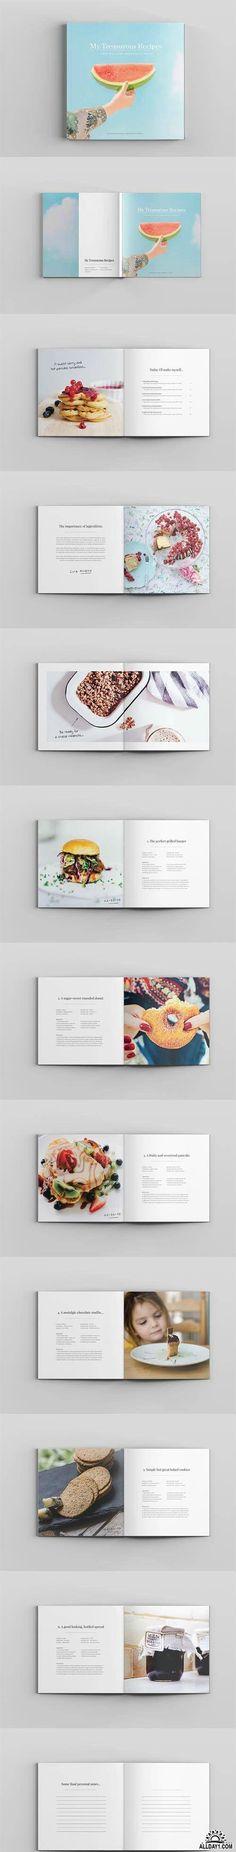 Cira Square Recipe Book Template 650303